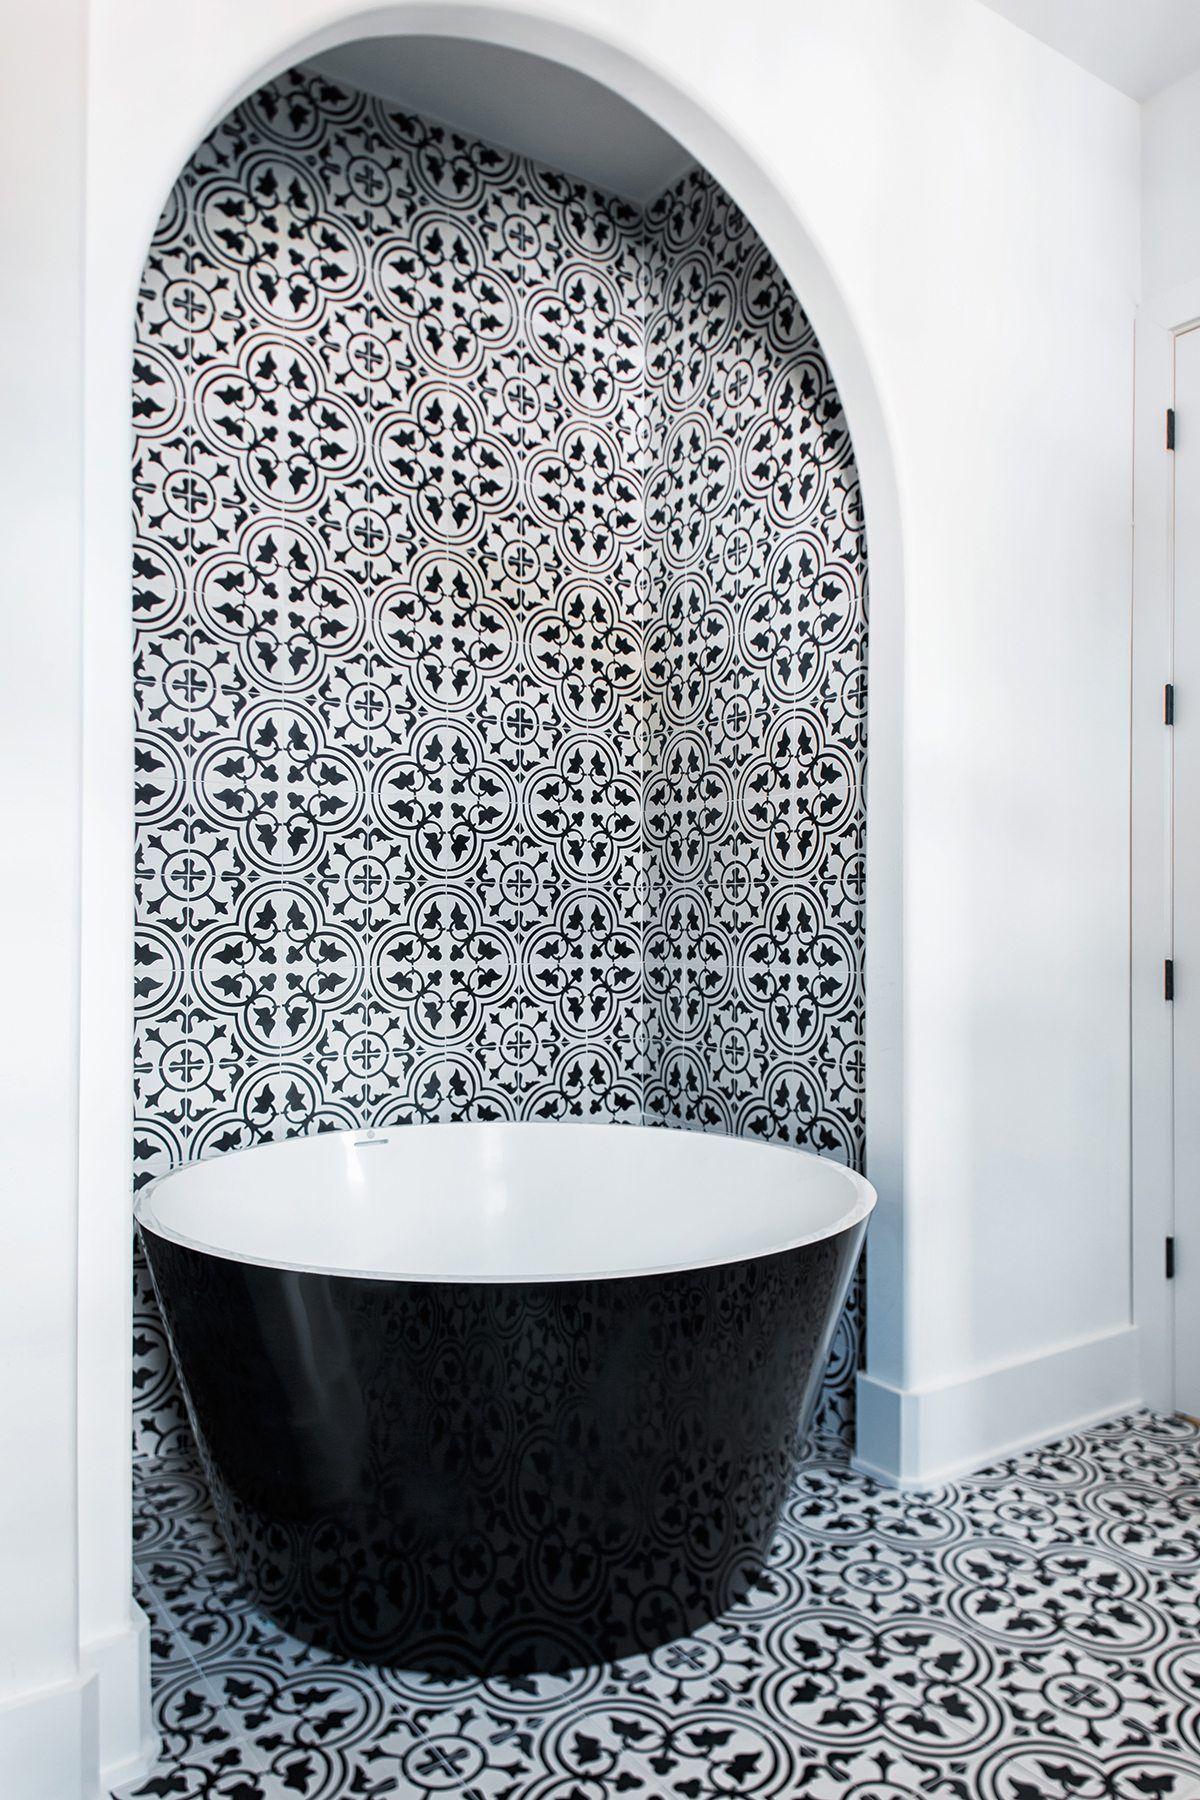 Sharing a Passion for Design. - Renaissance Tile & Bath | tile ...